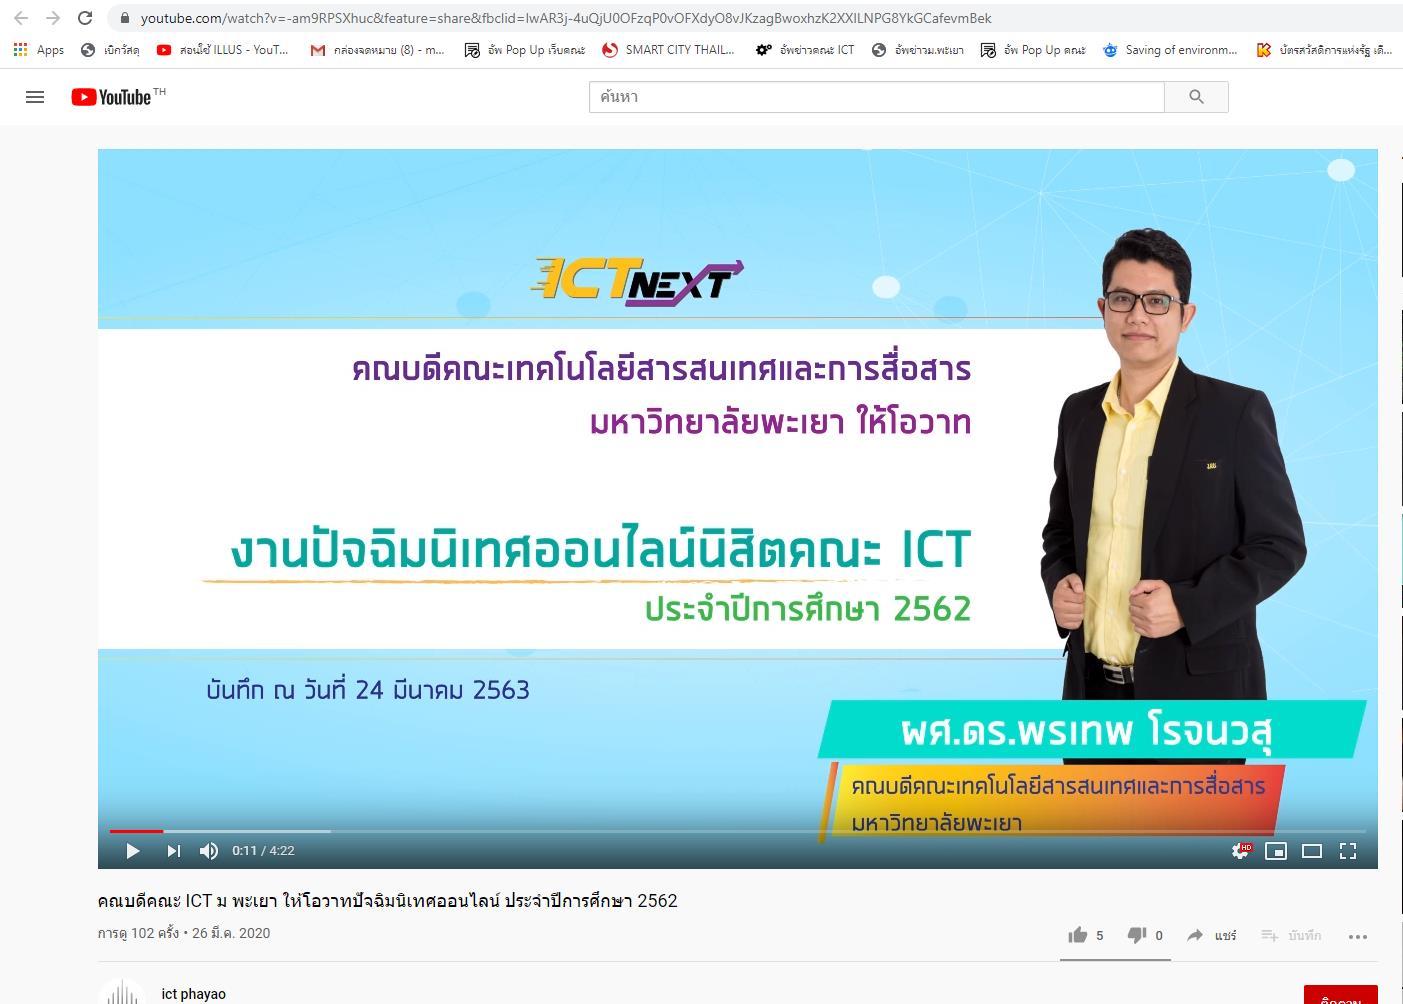 ปัจฉิมนิเทศคณะ ICT ประจำปีการศึกษา 2562